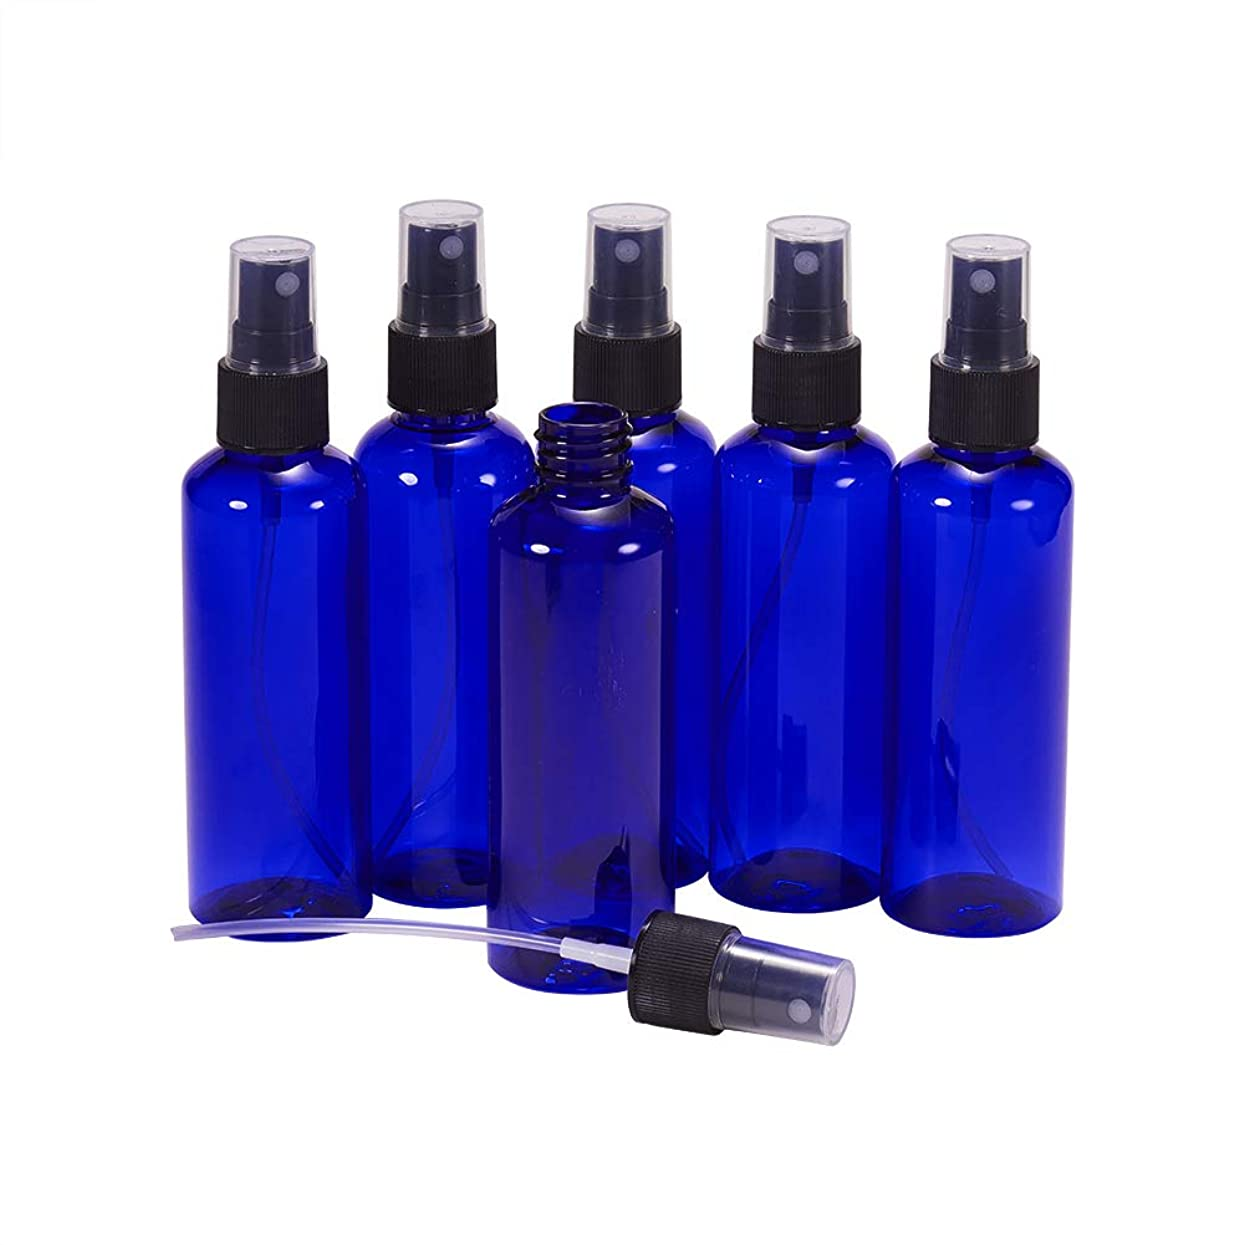 無能マイクロプロセッサ起訴するBENECREAT 100mlスプレーボトル 8個セット遮光瓶 小分けボトル プラスチック容器 液体用空ボトル 押し式詰替用ボトル 詰め替え シャンプー クリーム 化粧品 収納瓶